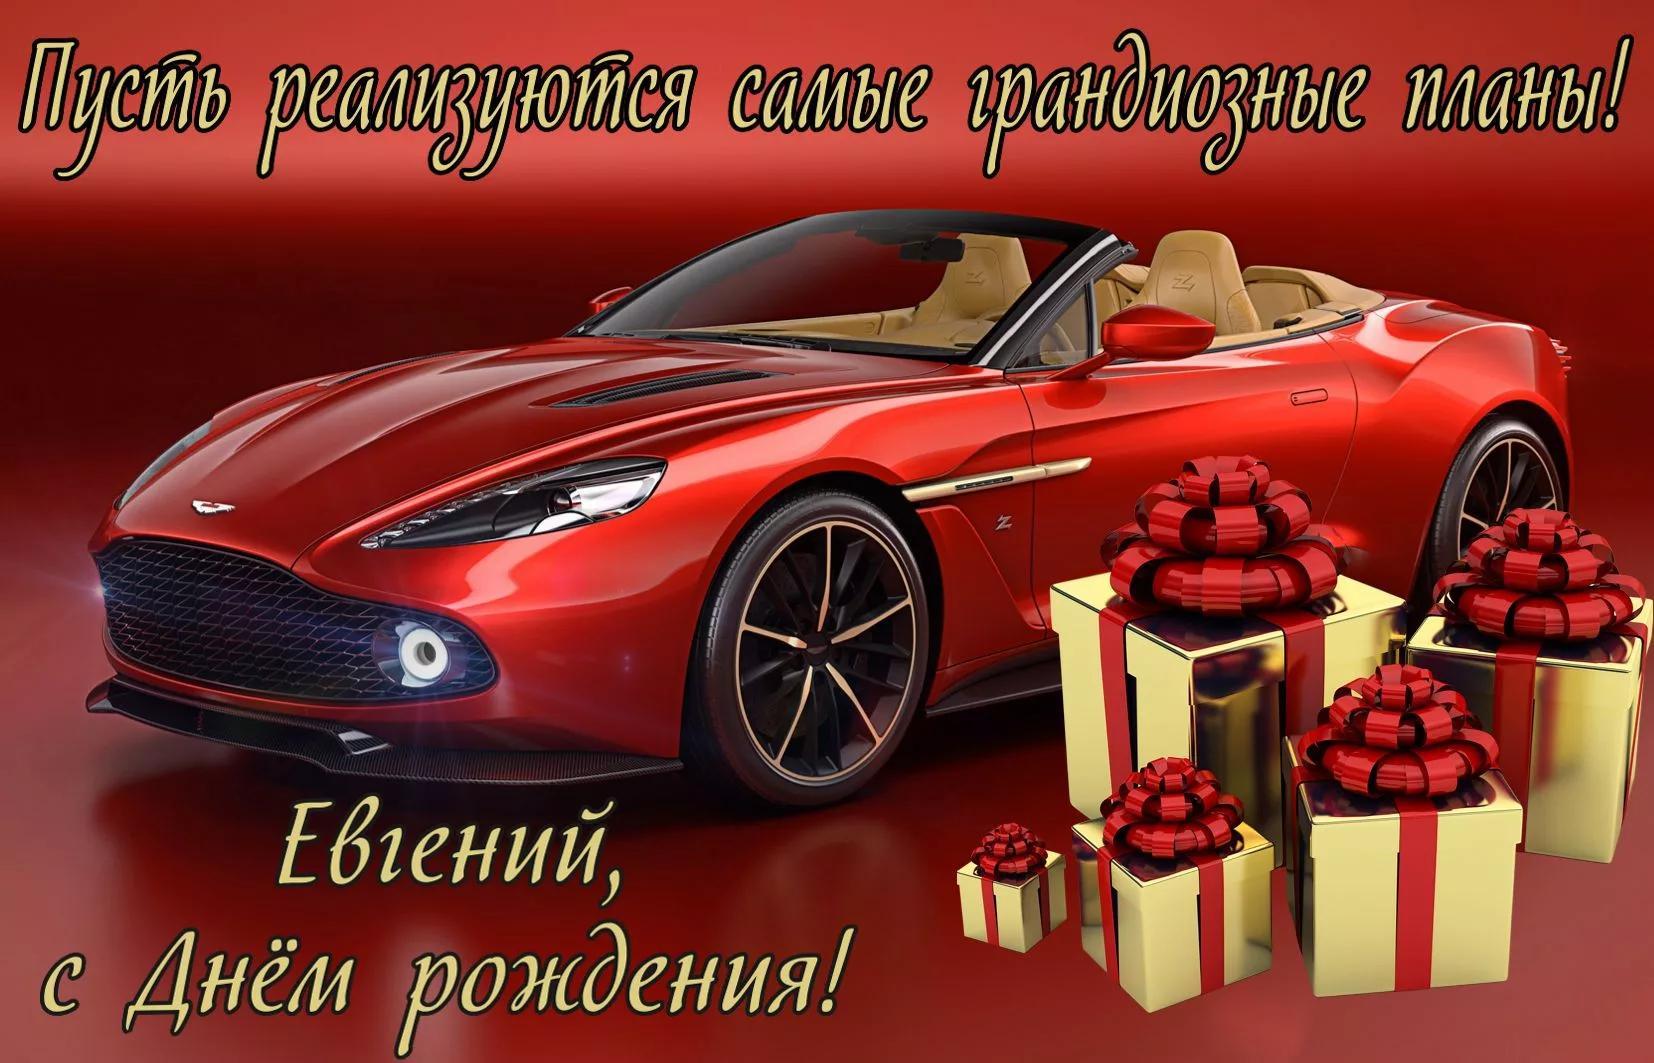 Прикольных, картинка с поздравлением с днем рождения евгений